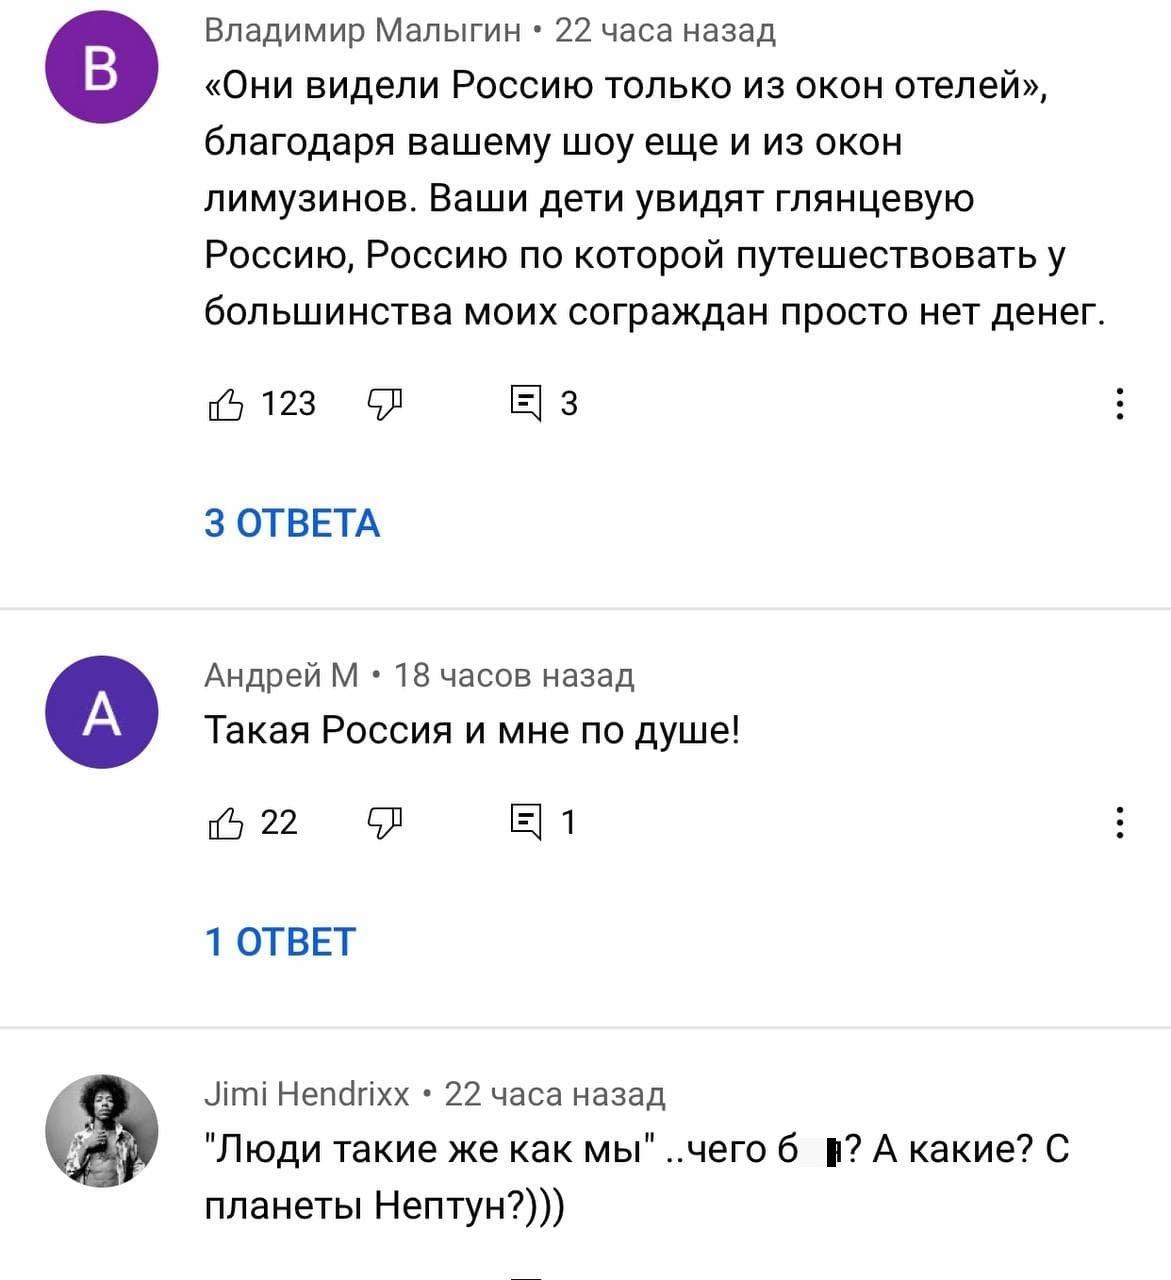 Наталья Водянова сняла гламурный фильм о России, но пользователи не оценили ее порыва (3 фото + видео)